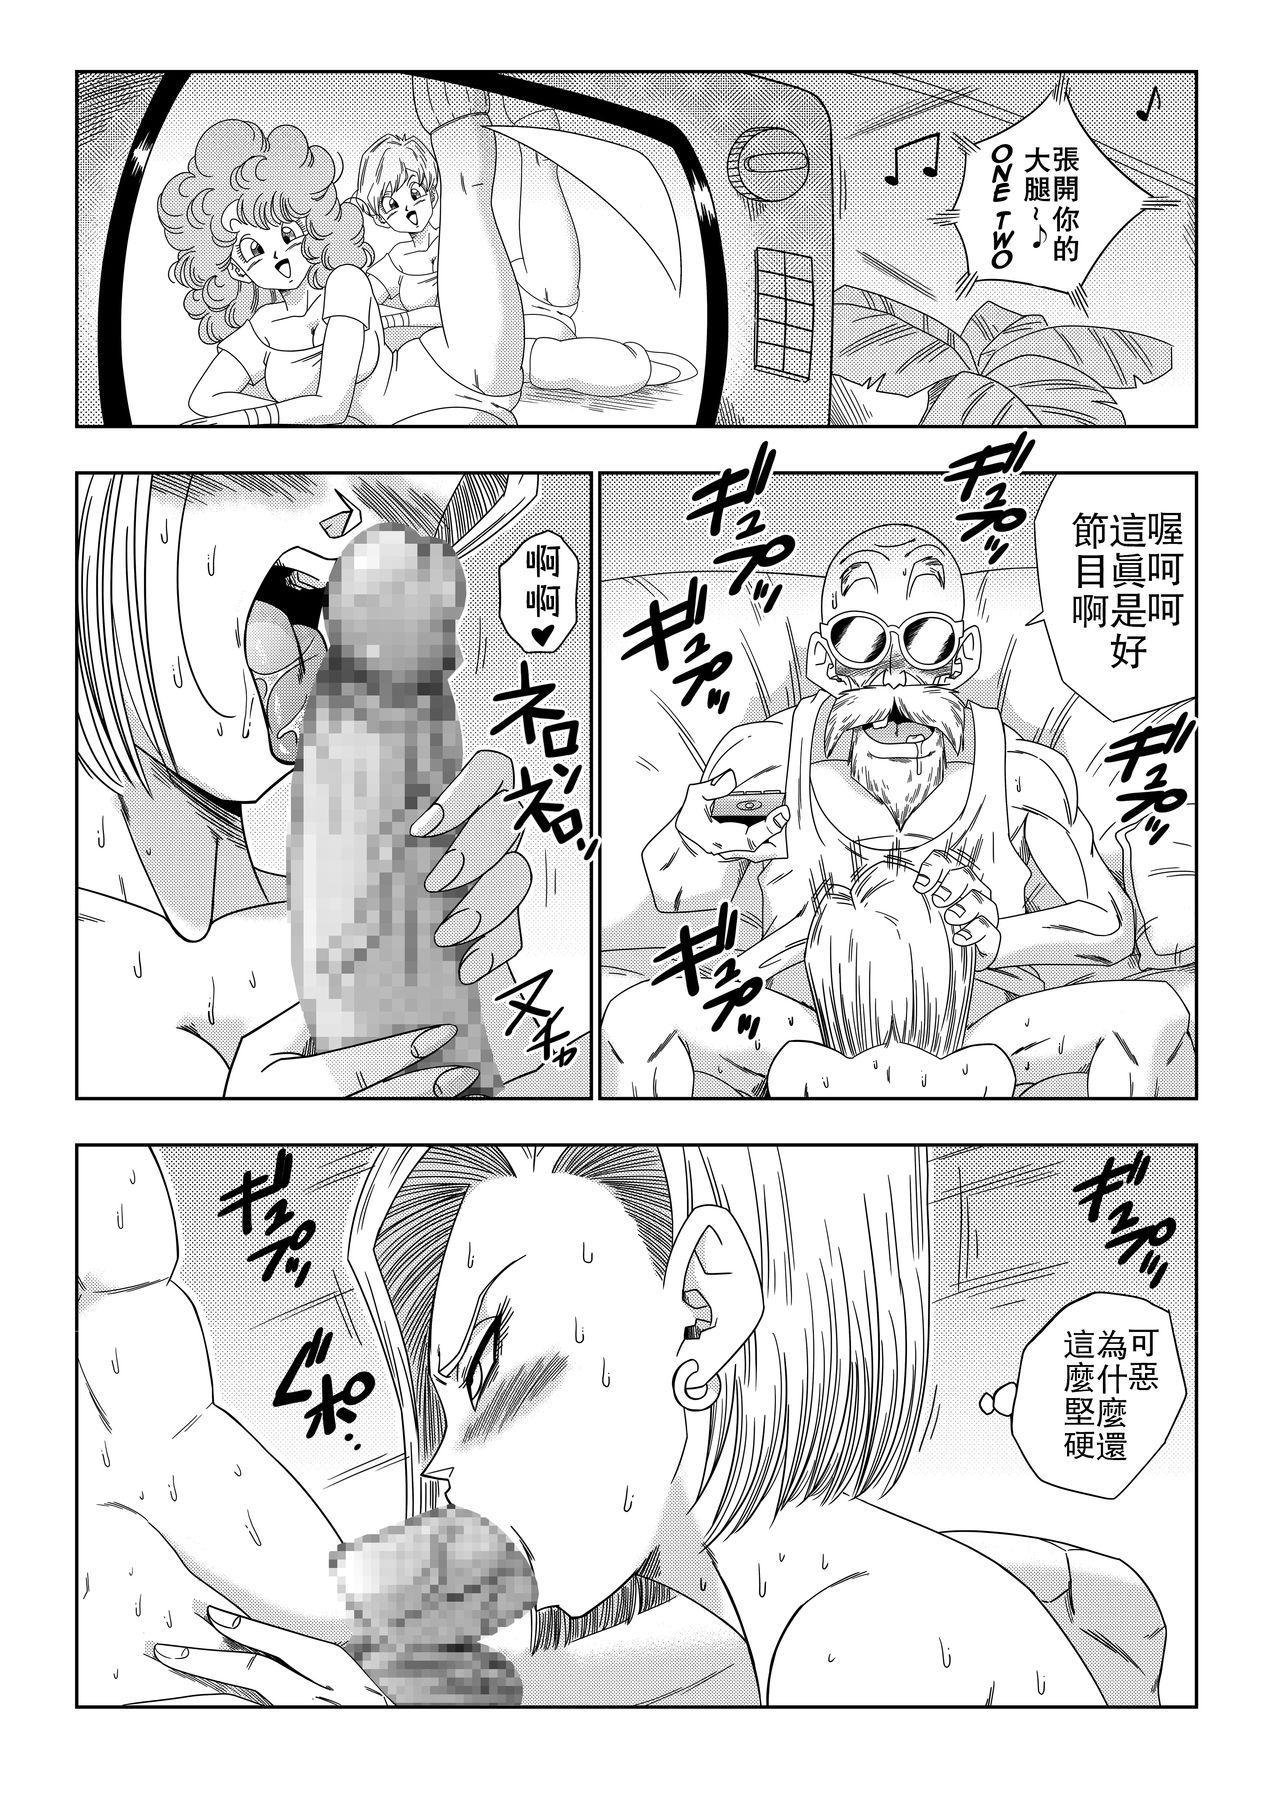 18-gou vs Kame Sennin 22